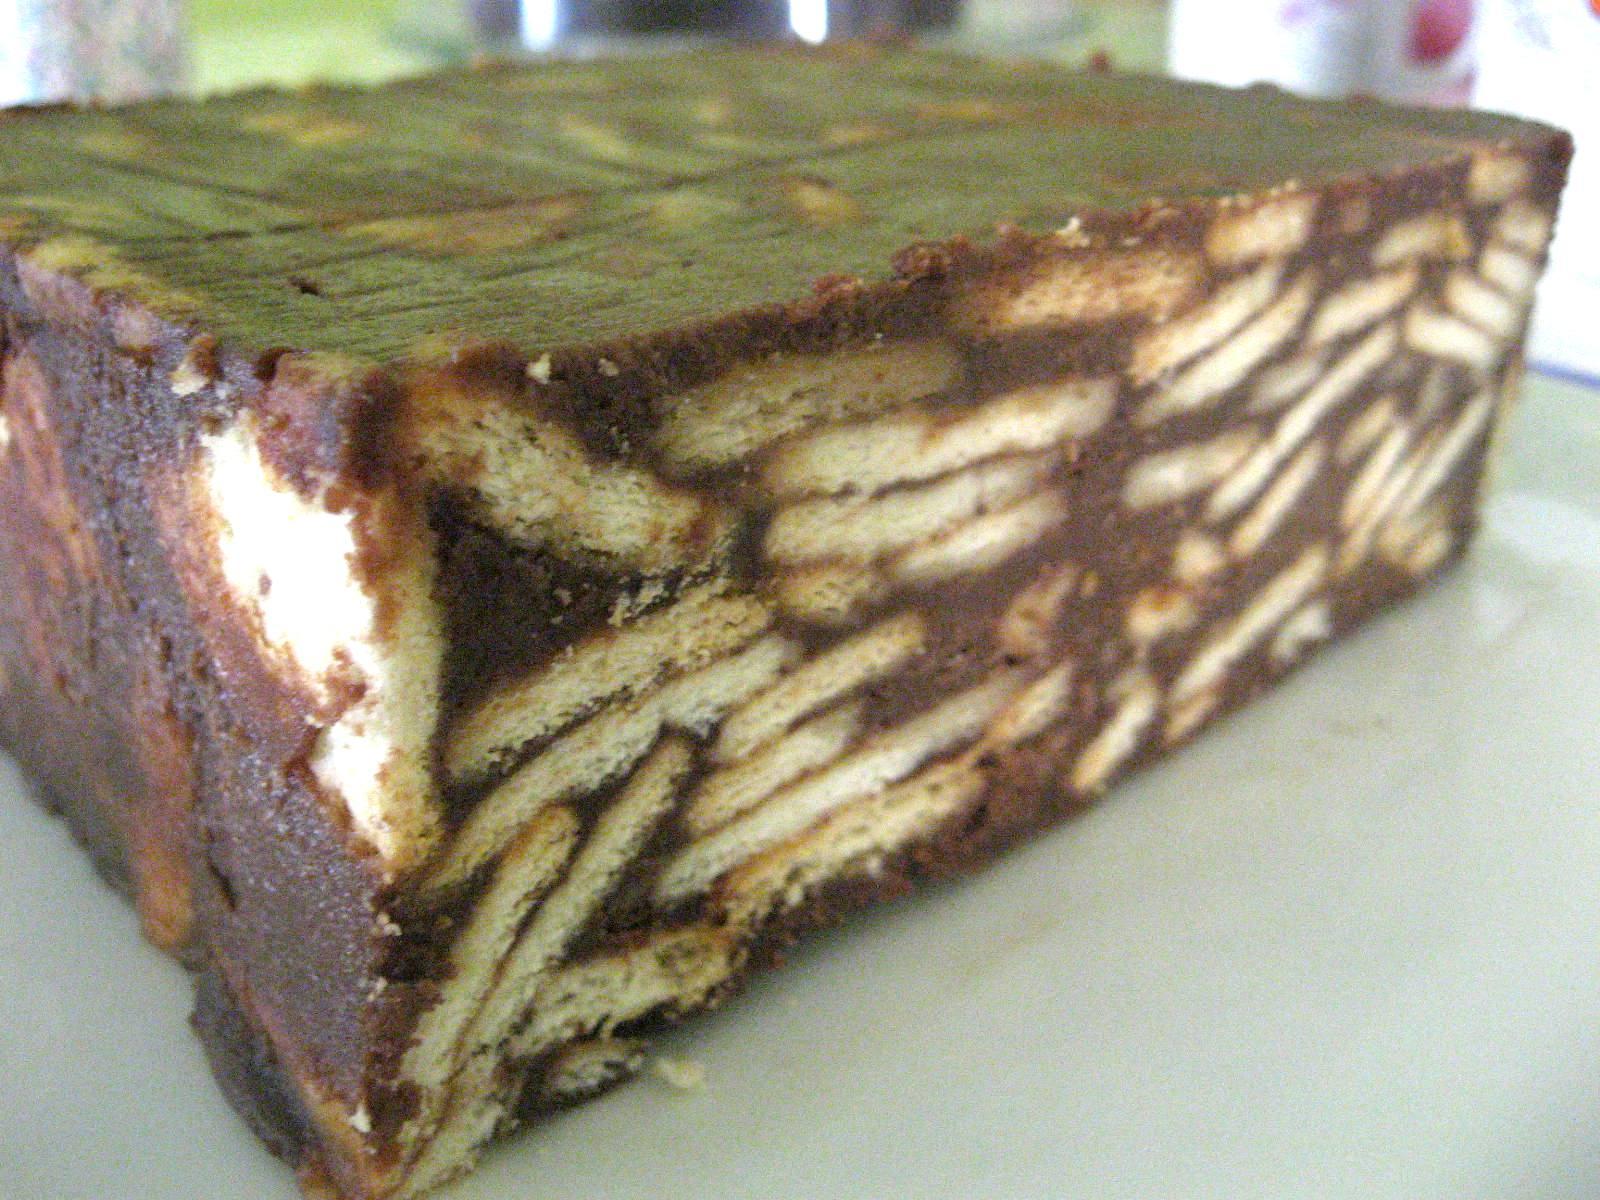 Resepi Gadis 223: Resipi Kek Batik Coklat